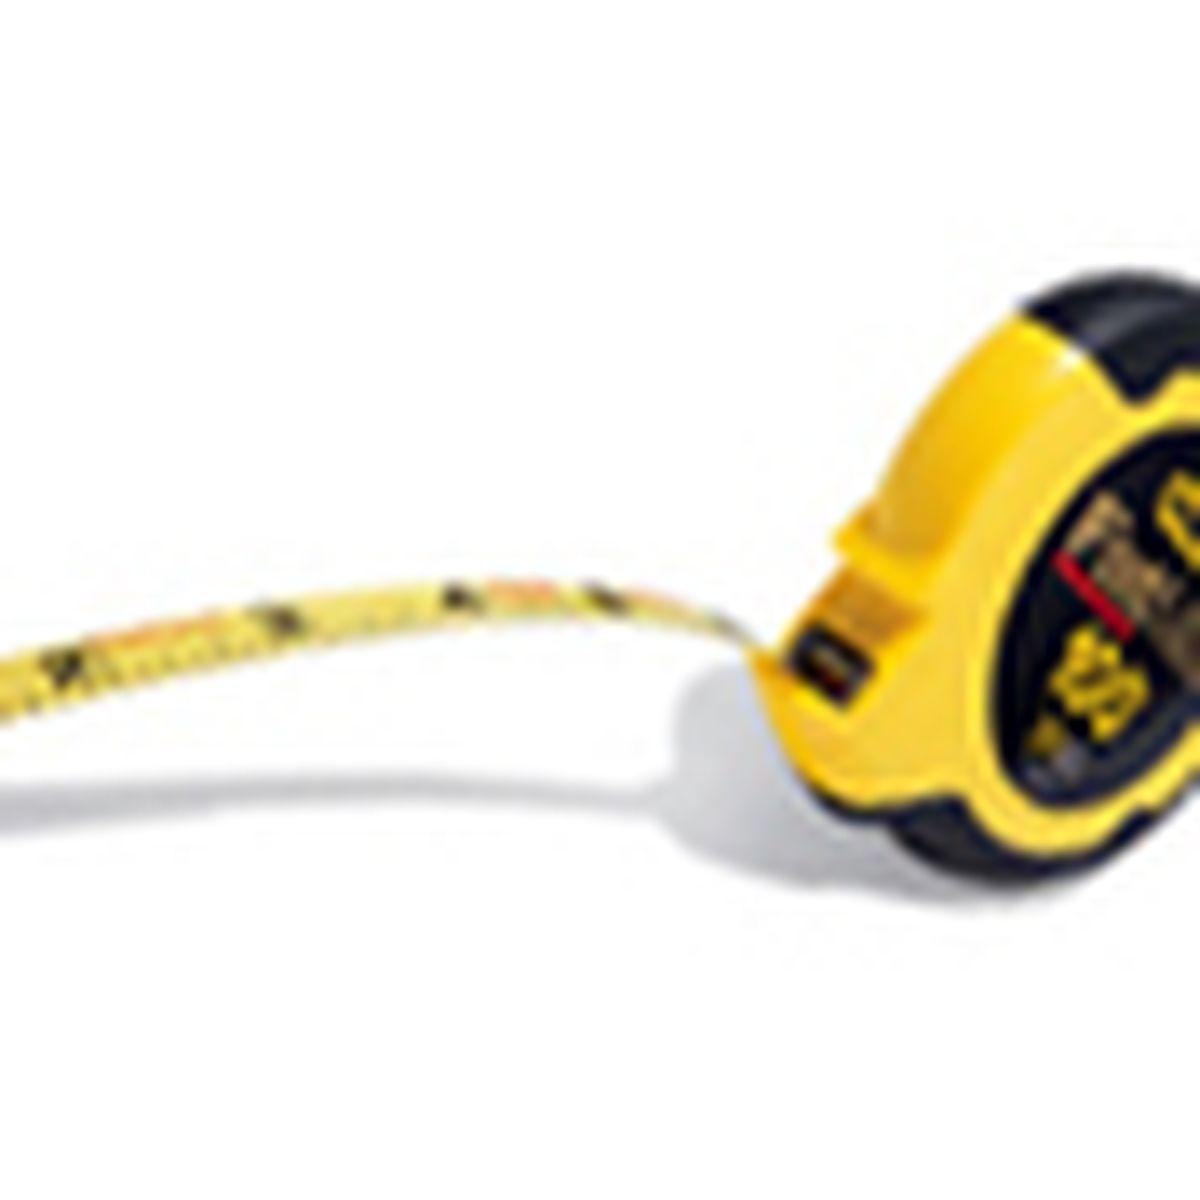 100-Foot Tape Measure